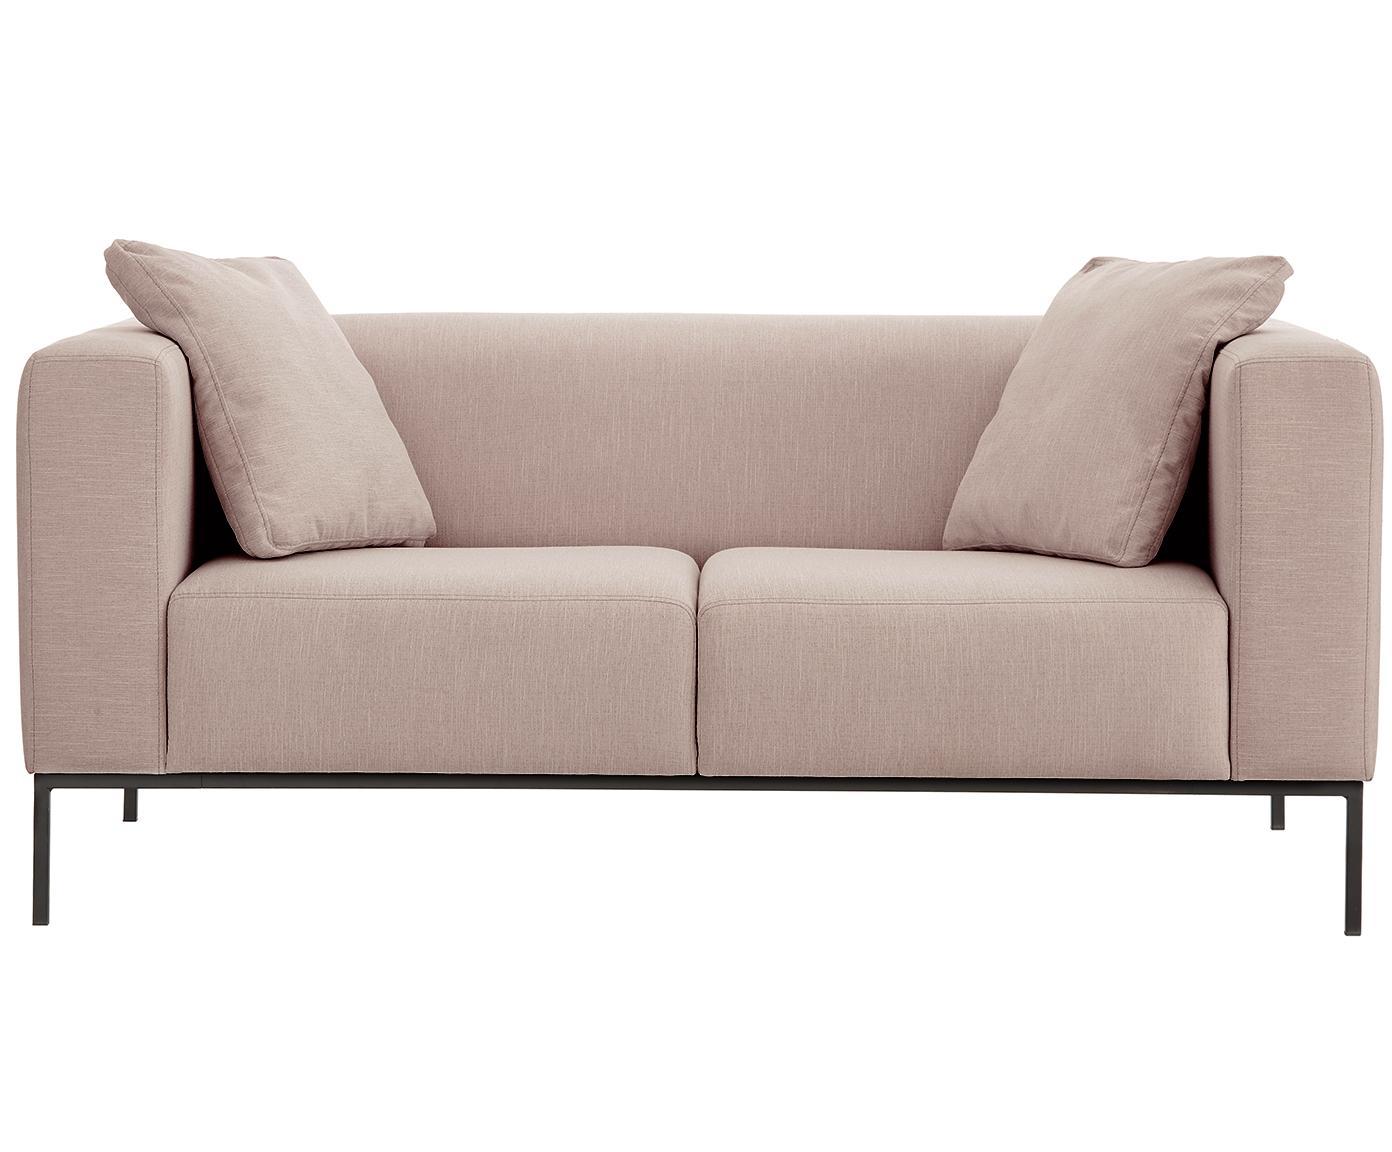 Sofa Carrie (2-Sitzer), Bezug: Polyester 50.000 Scheuert, Gestell: Spanholz, Hartfaserplatte, Füße: Metall, lackiert, Webstoff Altrosa, B 176 x T 86 cm